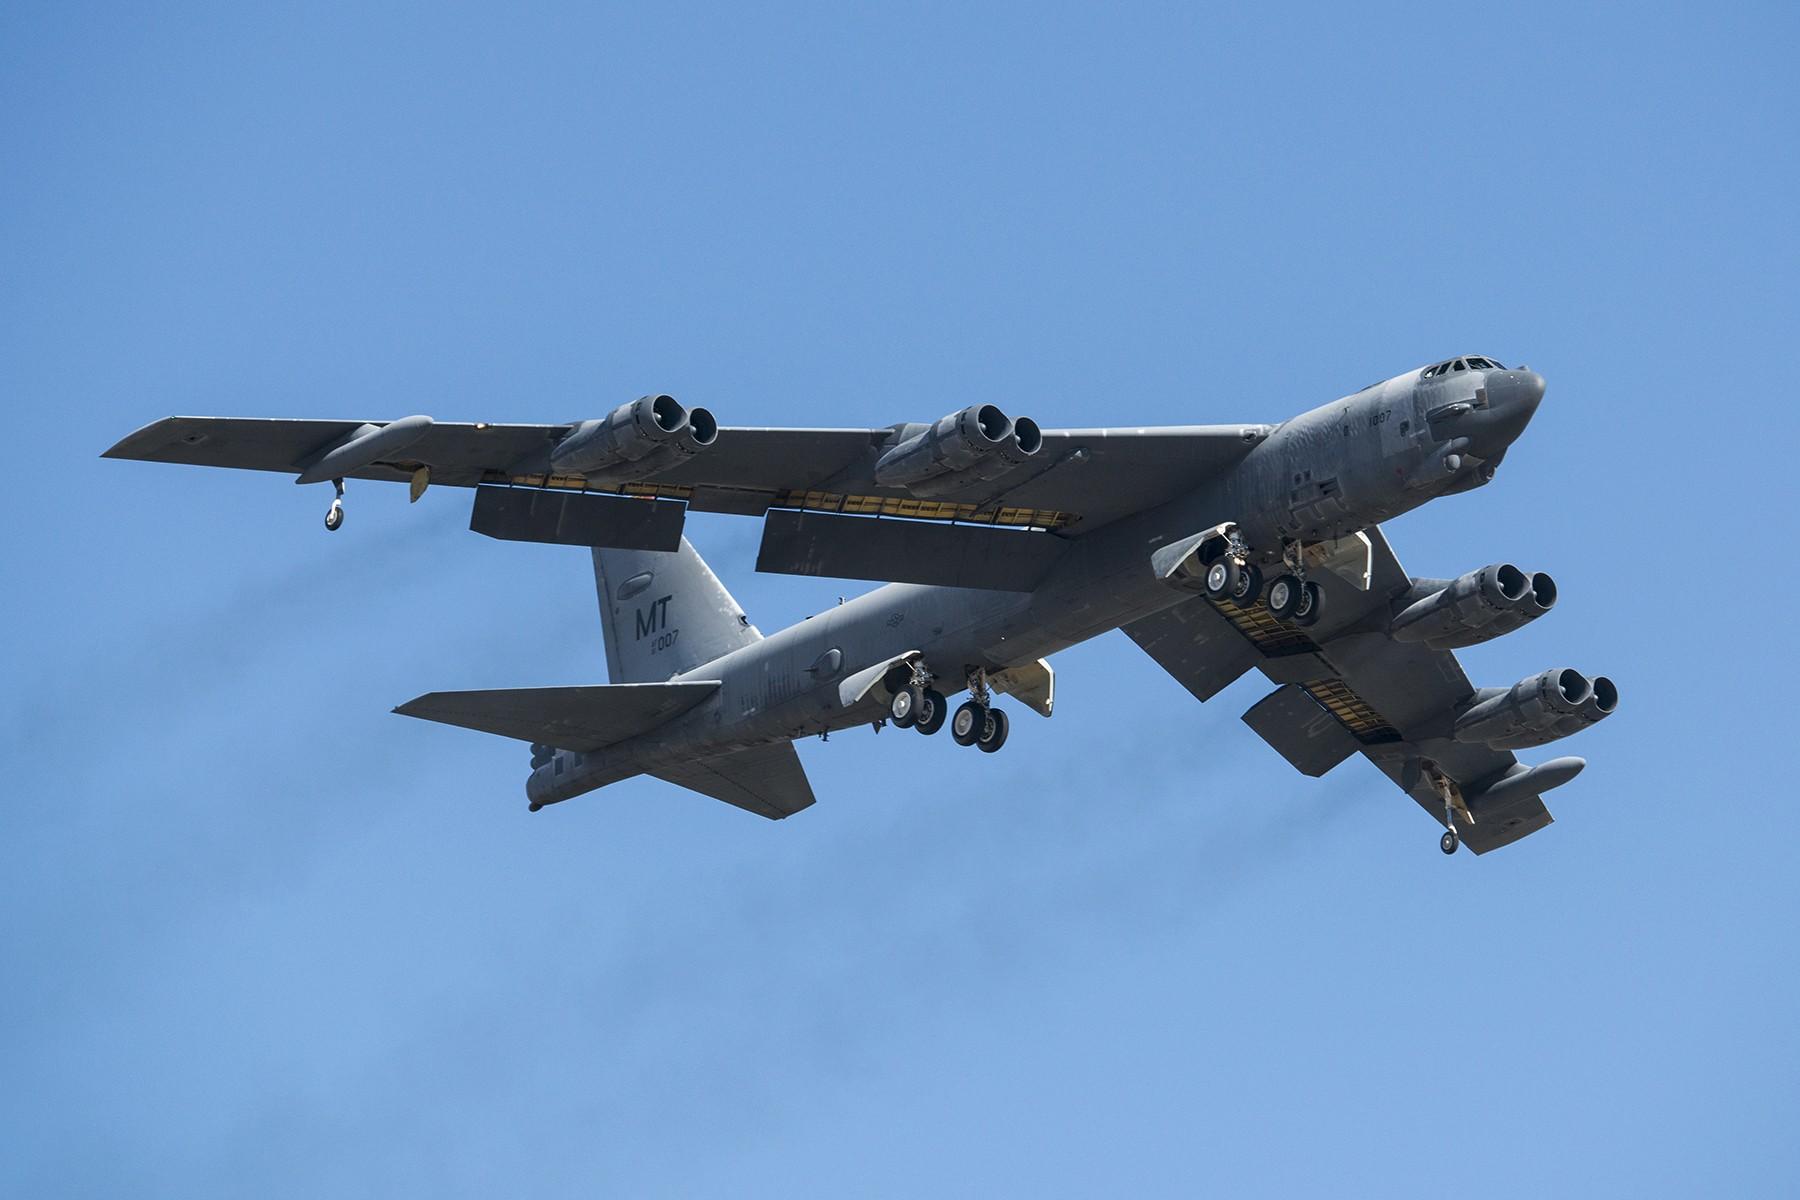 Минобороны КНР назвало провокацией полеты бомбардировщика США